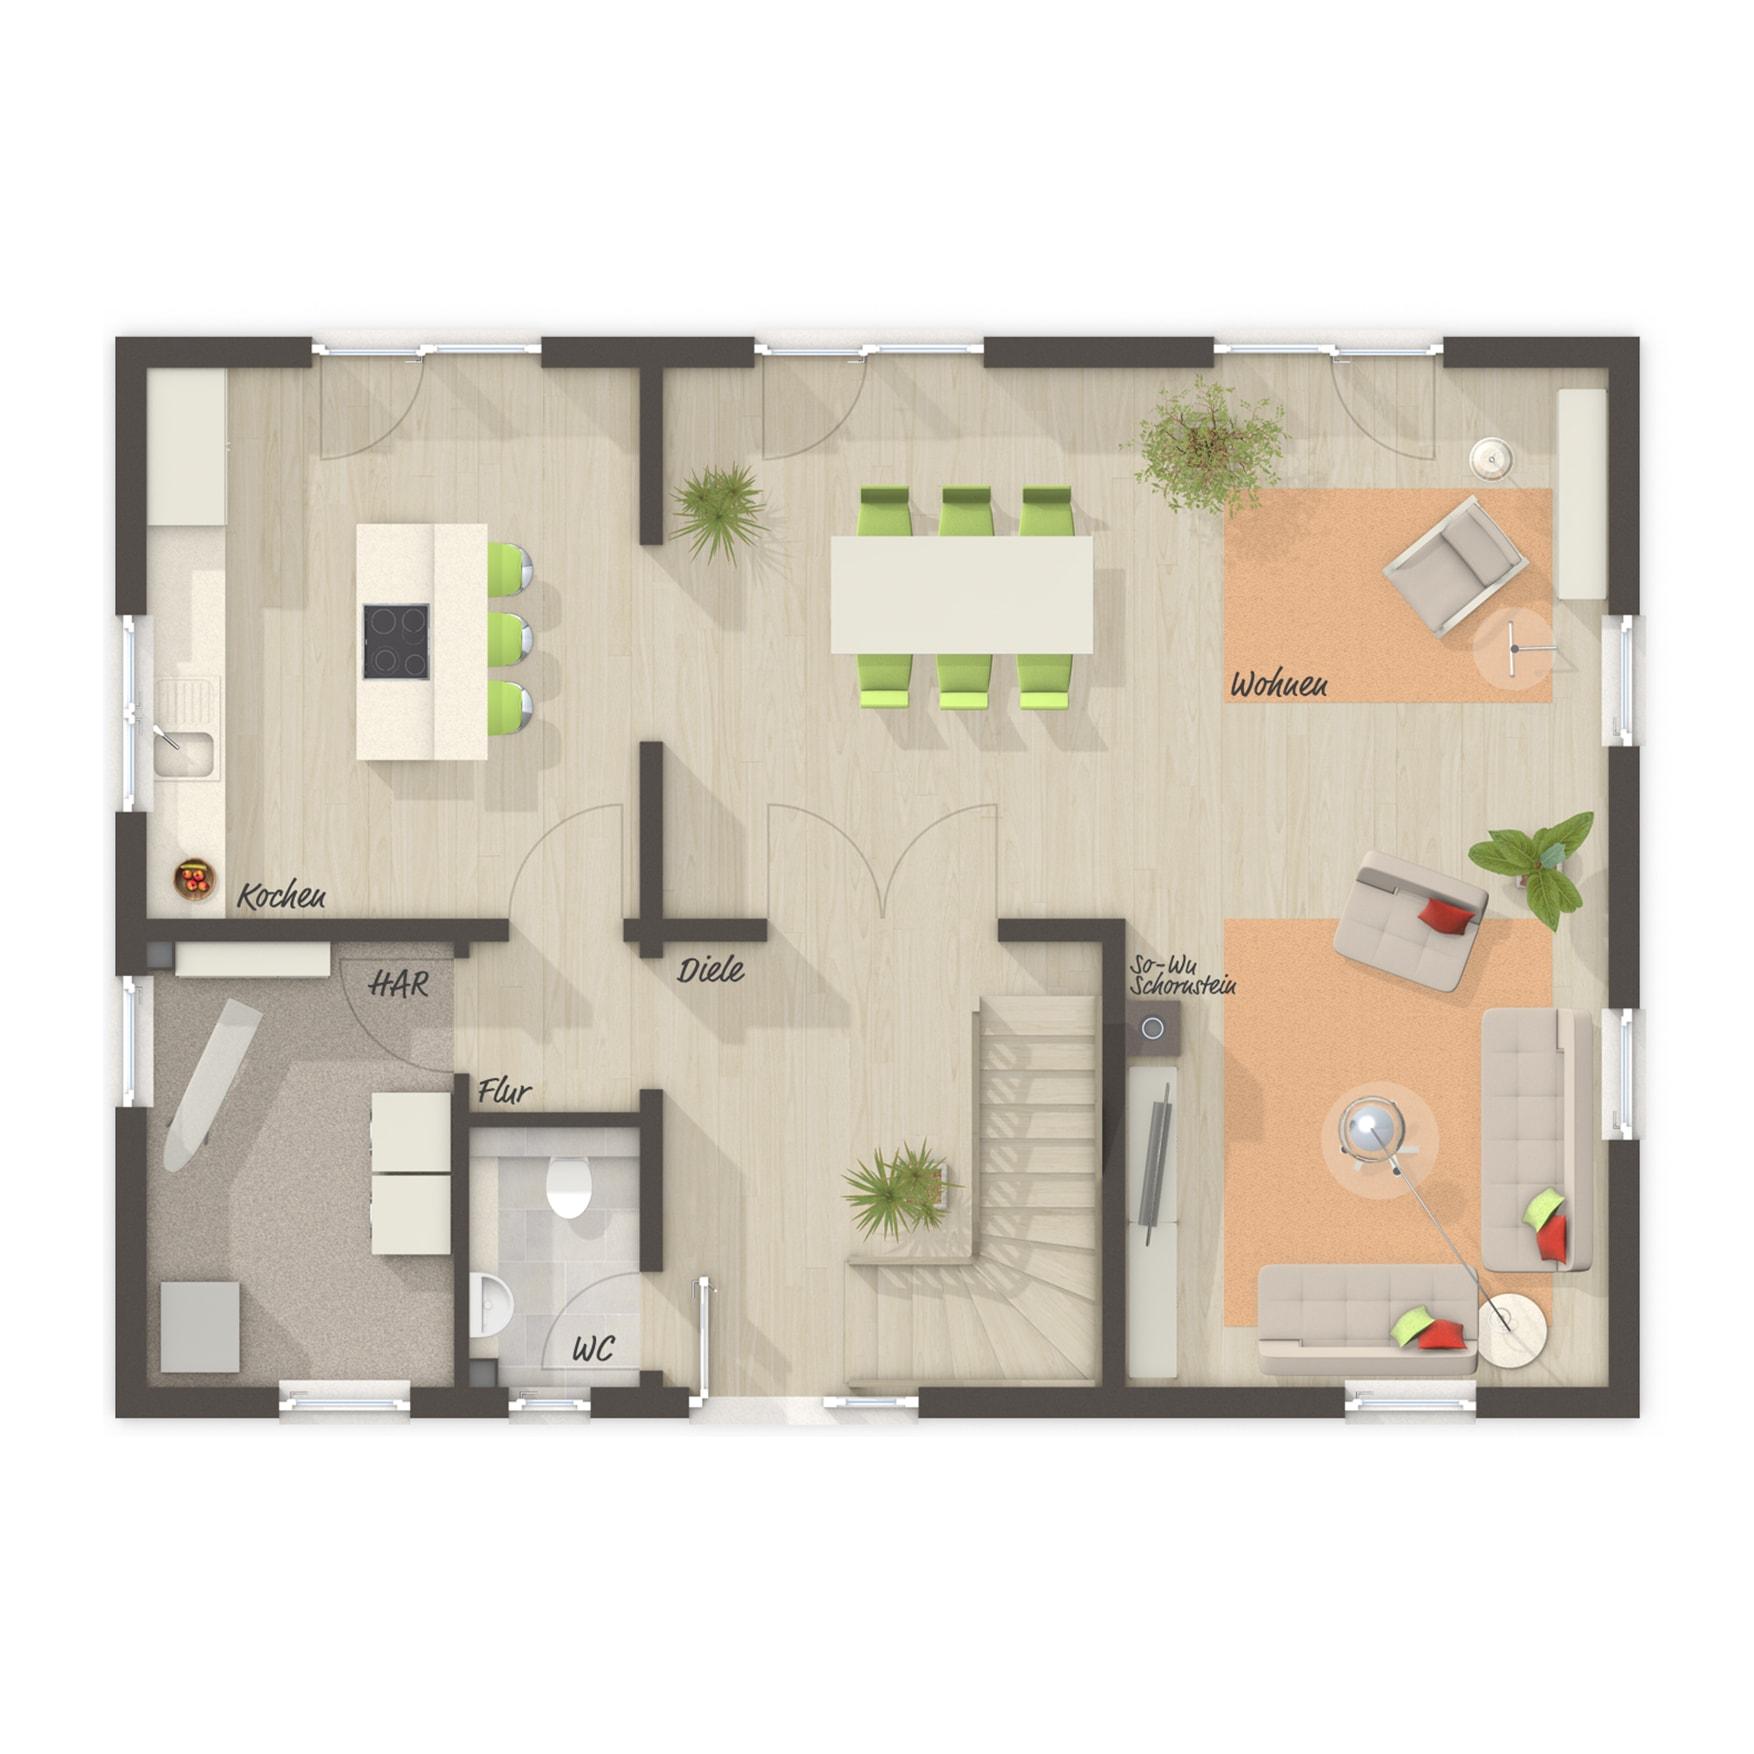 Grundriss Einfamilienhaus Erdgeschoss rechteckig, 5 Zimmer, 145 qm - Town Country Haus Massivhaus Landhaus 142 - HausbauDirekt.de